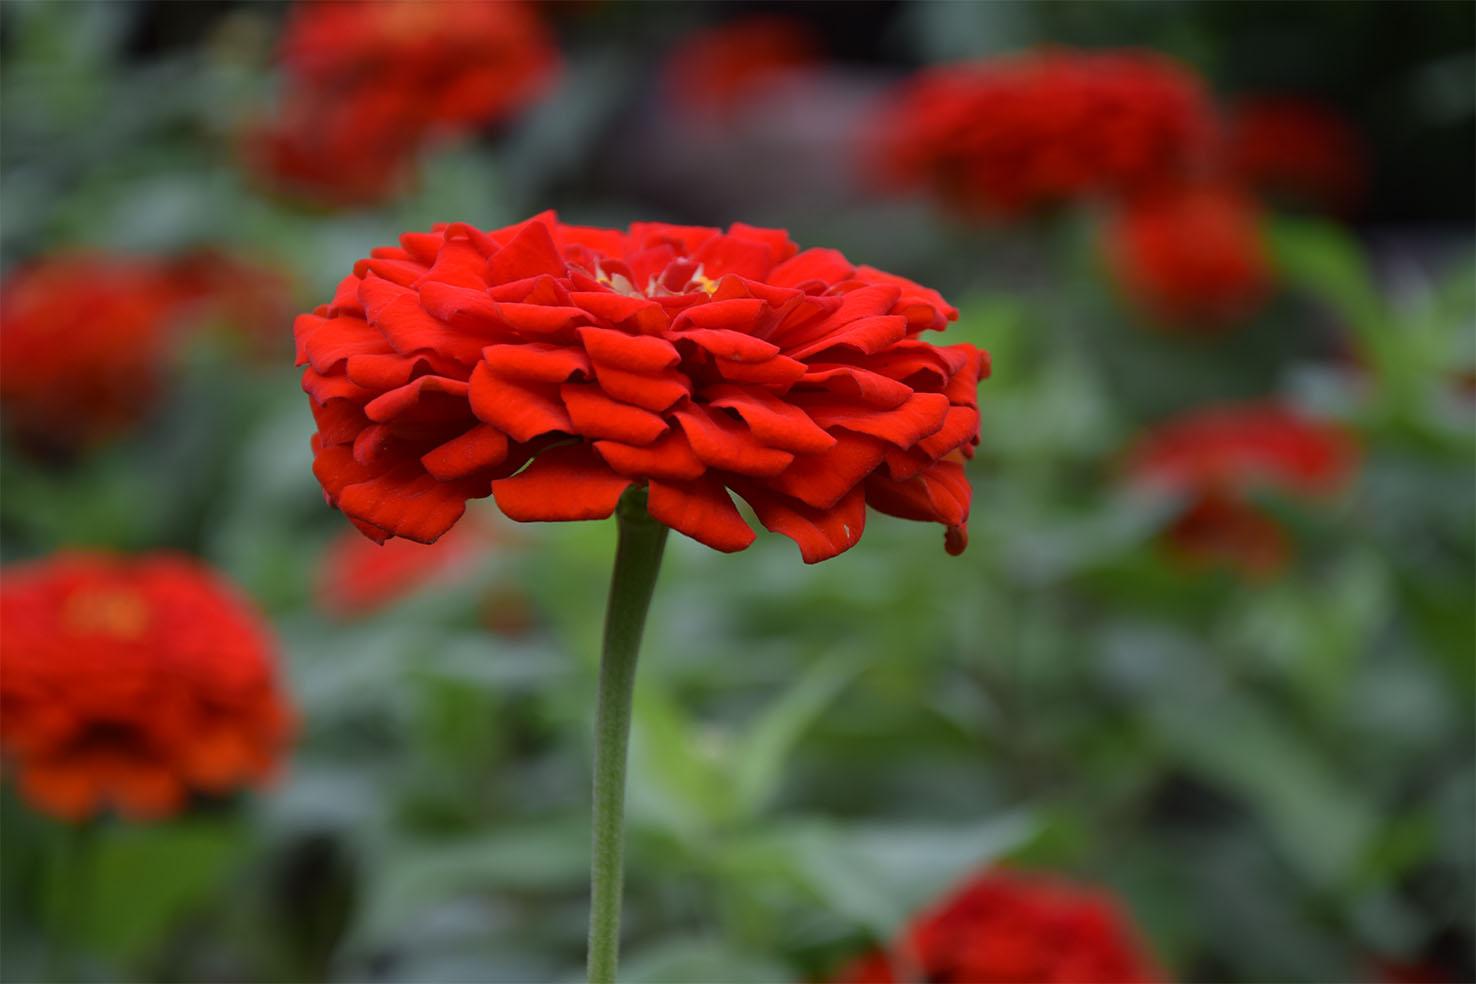 çiçek Açan Kırmızı çiçekler